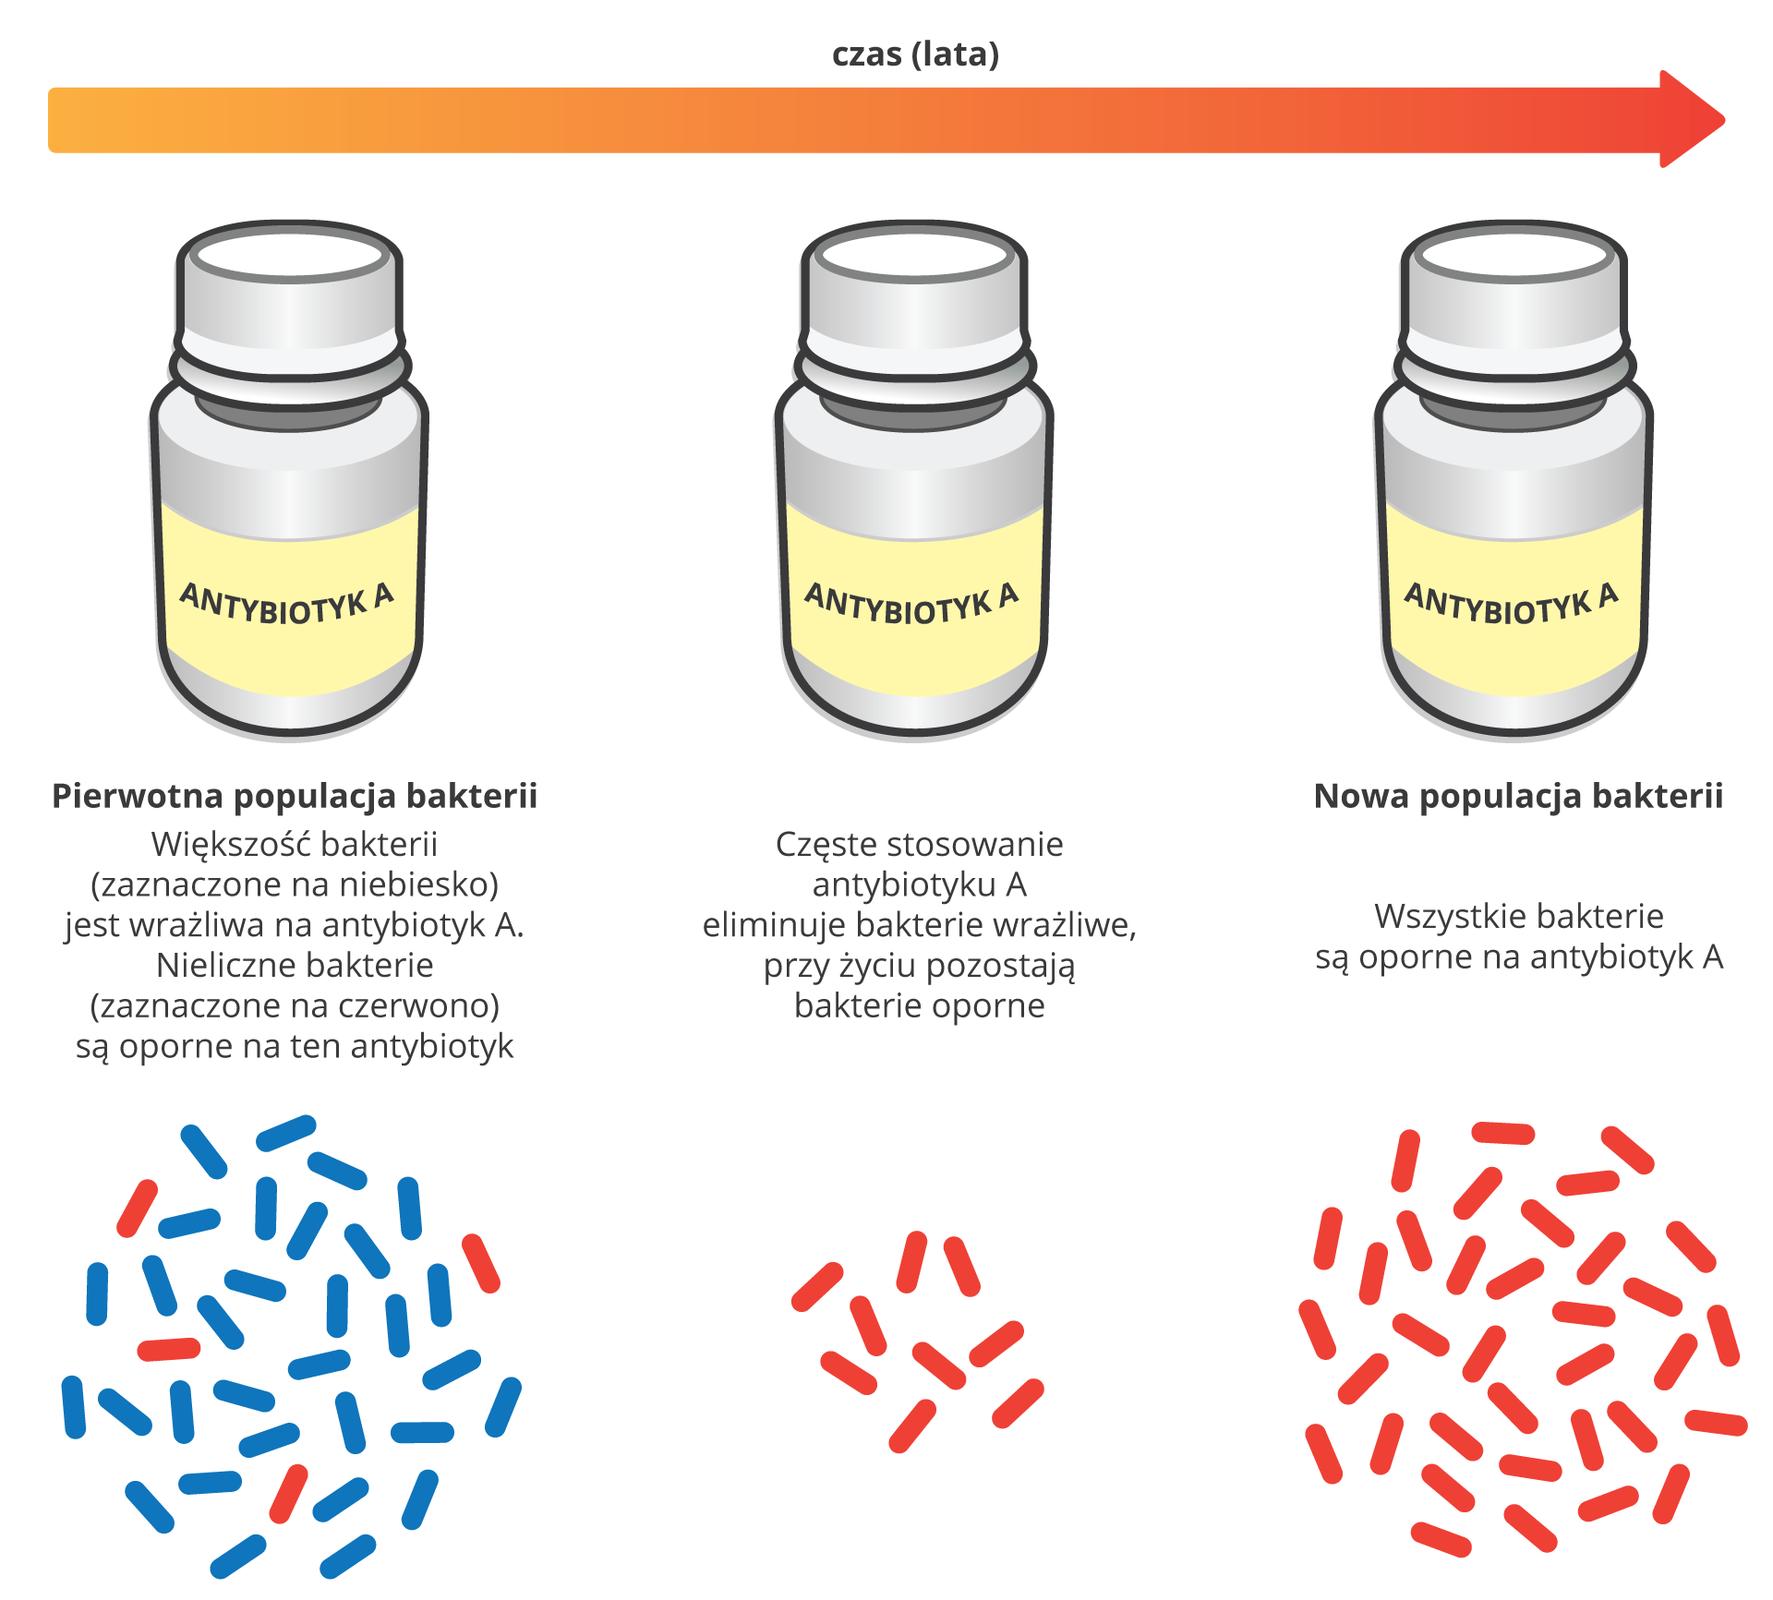 Ilustracja przedstawia schematycznie ugóry trzy buteleczki , podpisane antybiotyk A. Nad nimi wprawo czerwona strzałka czasu, oznaczająca lata. Udołu znajdują się niebieskie iczerwone pałeczki, symbolizujące bakterie. Od lewej jest to pierwotna populacja zróżnicowanych bakterii. Liczne niebieskie są wrażliwe na antybiotyk A, czerwone są oporne. Wśrodku ukazano sytuację po częstym stosowaniu antybiotyku: bakterie niebieskie zniknęły, zostały tylko nieliczne czerwone. Po latach populacja bakterii składa się wyłącznie zopornych, czerwonych pałeczek.